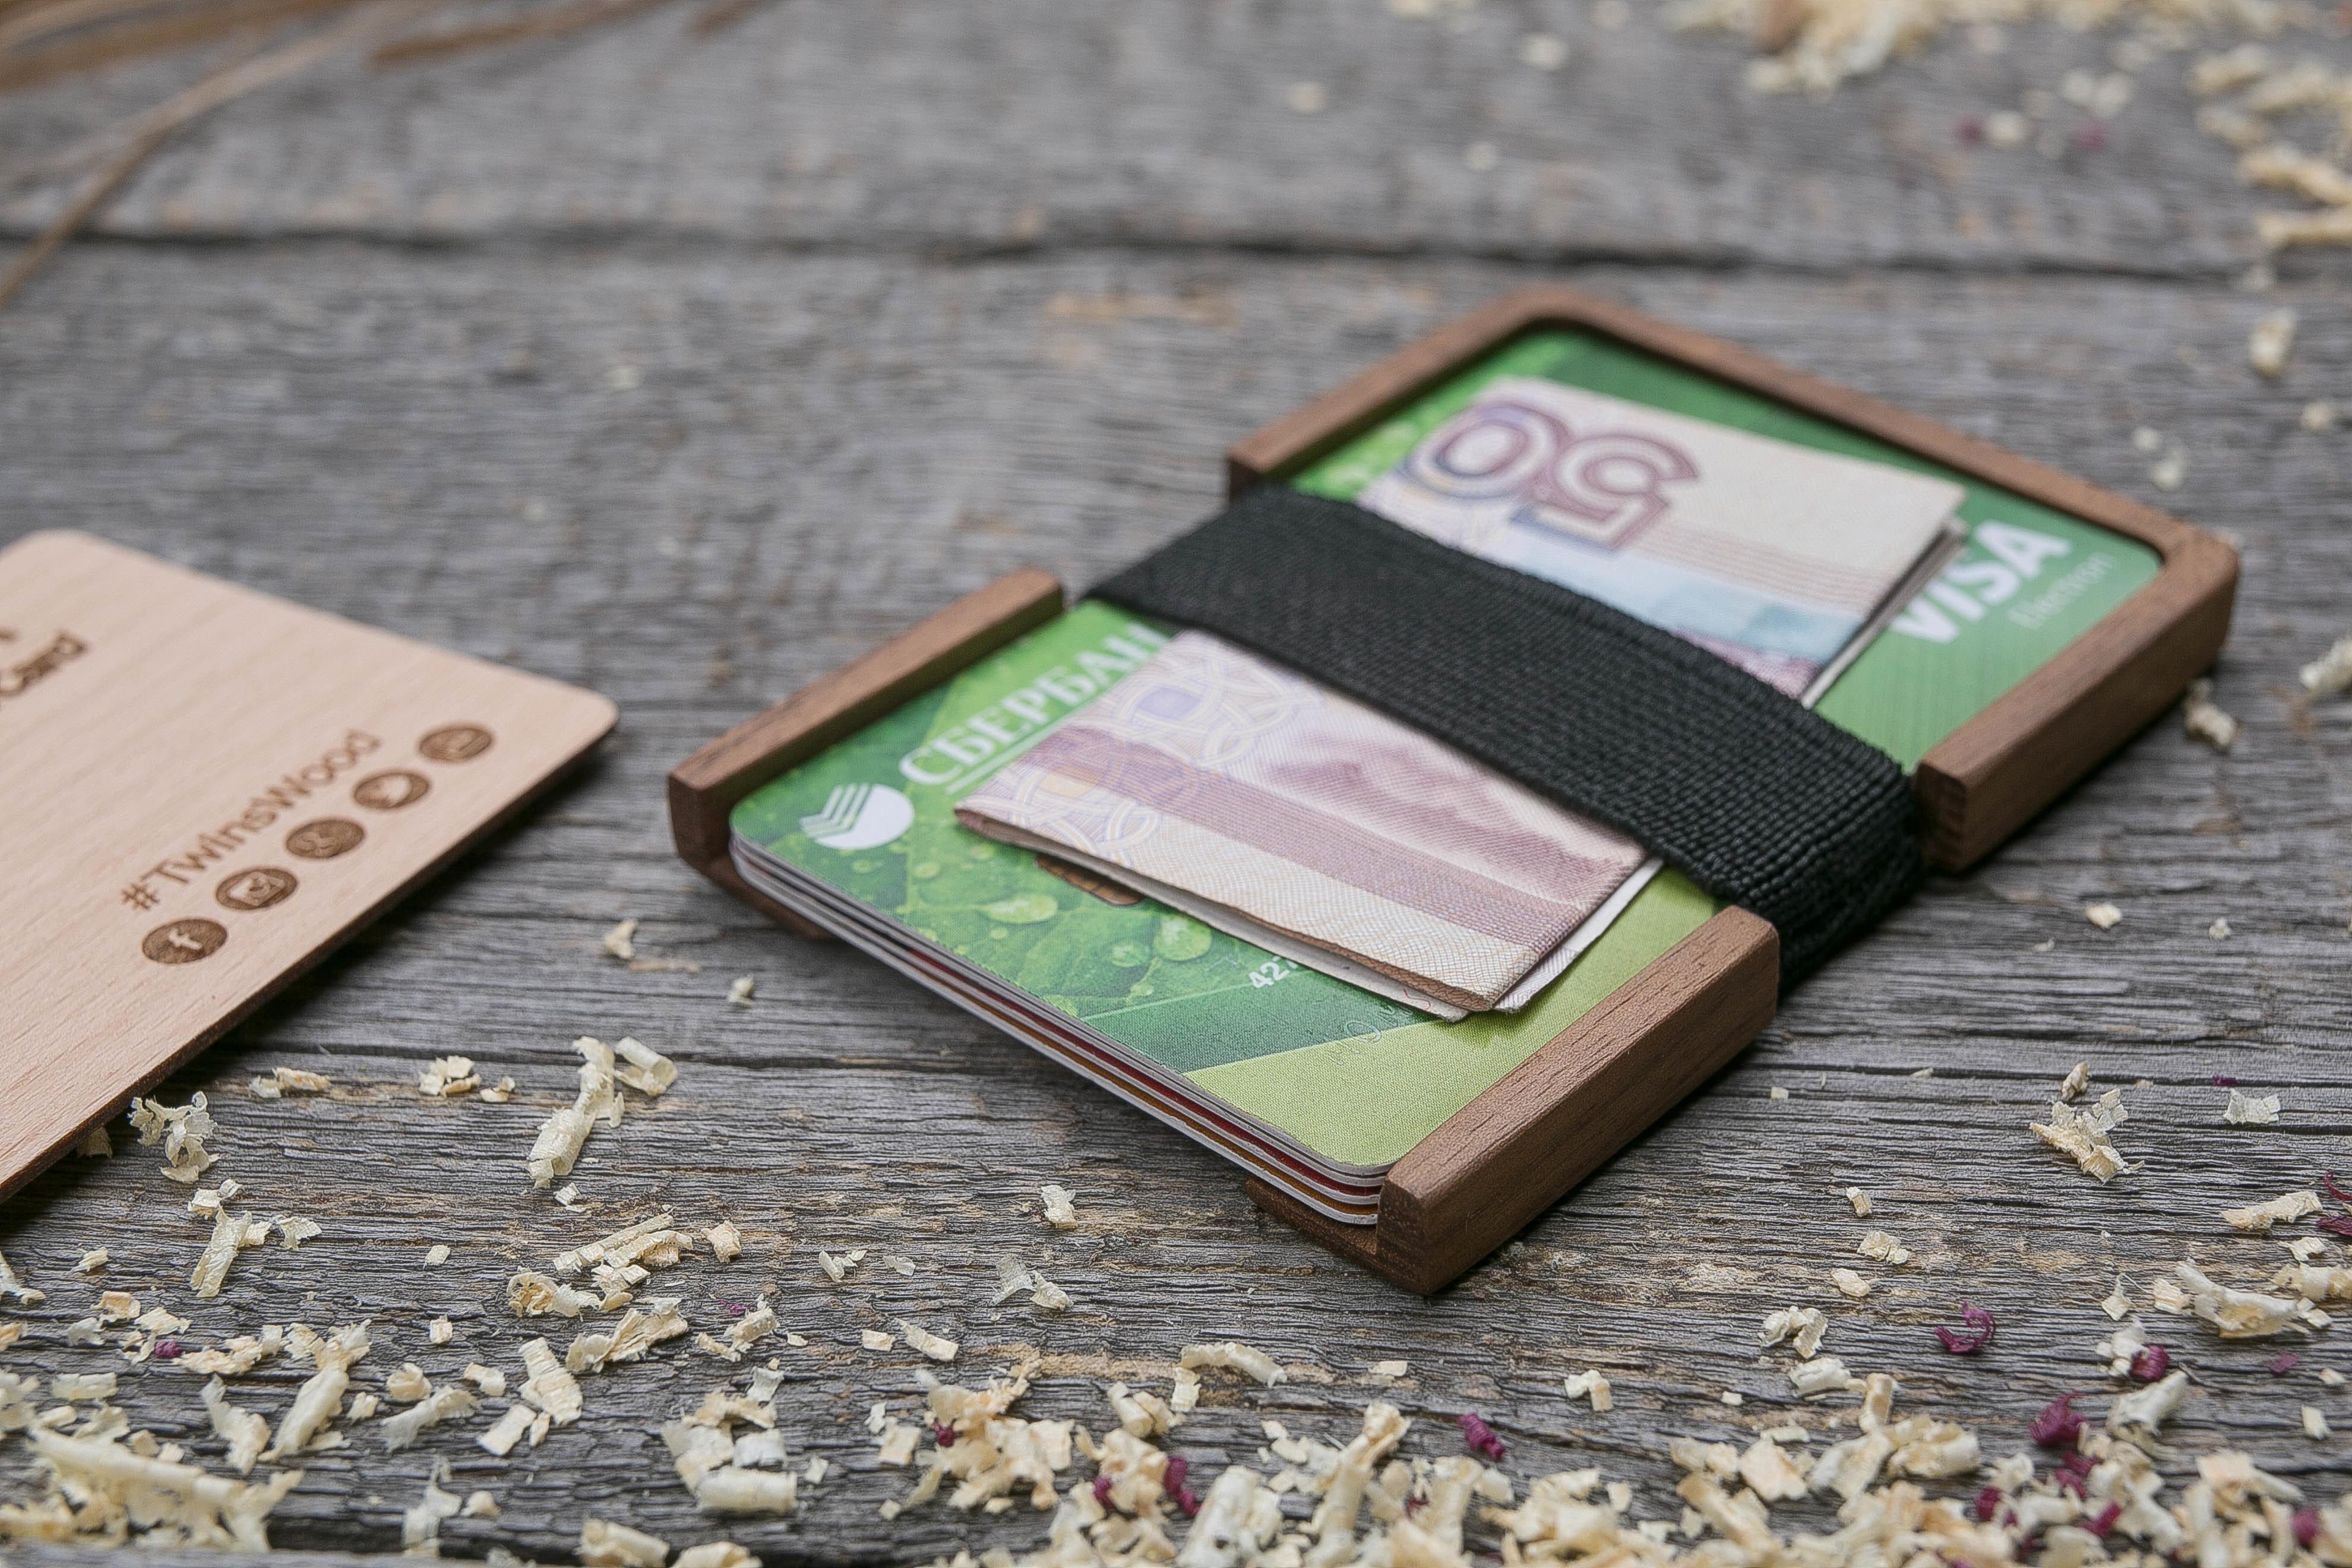 Деревянный кошелек из американского ореха. Вертикальная загрузка. Для 1-6 пластиковых карт и купюр. Поддержка Apple Pay. Гравировка имени или логотипа. Бизнес сувенир. Подарок другу. Именной кошелек